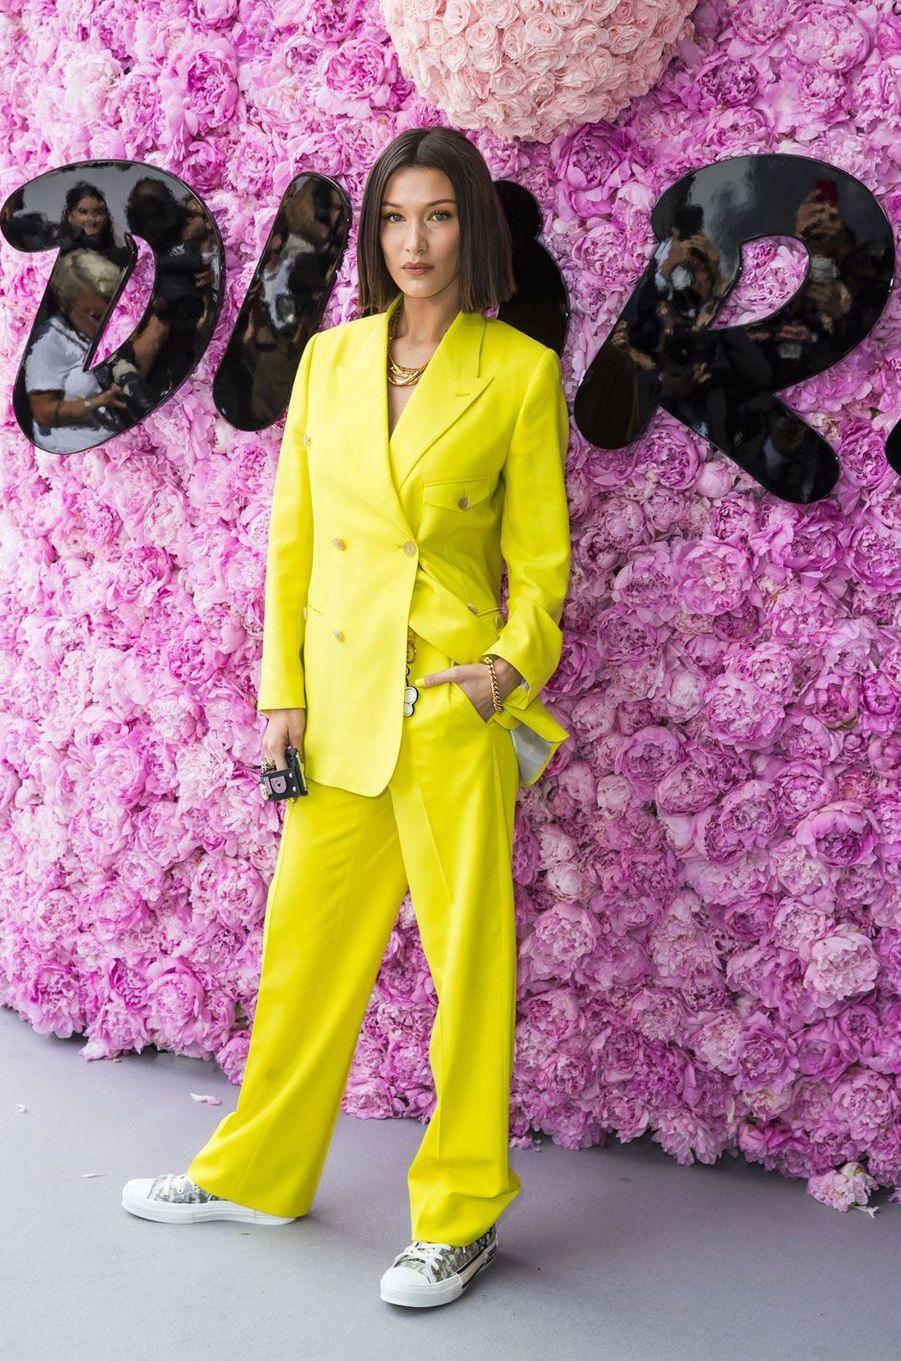 Bella Hadid au défilé Dior Homme, printemps-été 2019 le 23 juin 2018 à Paris